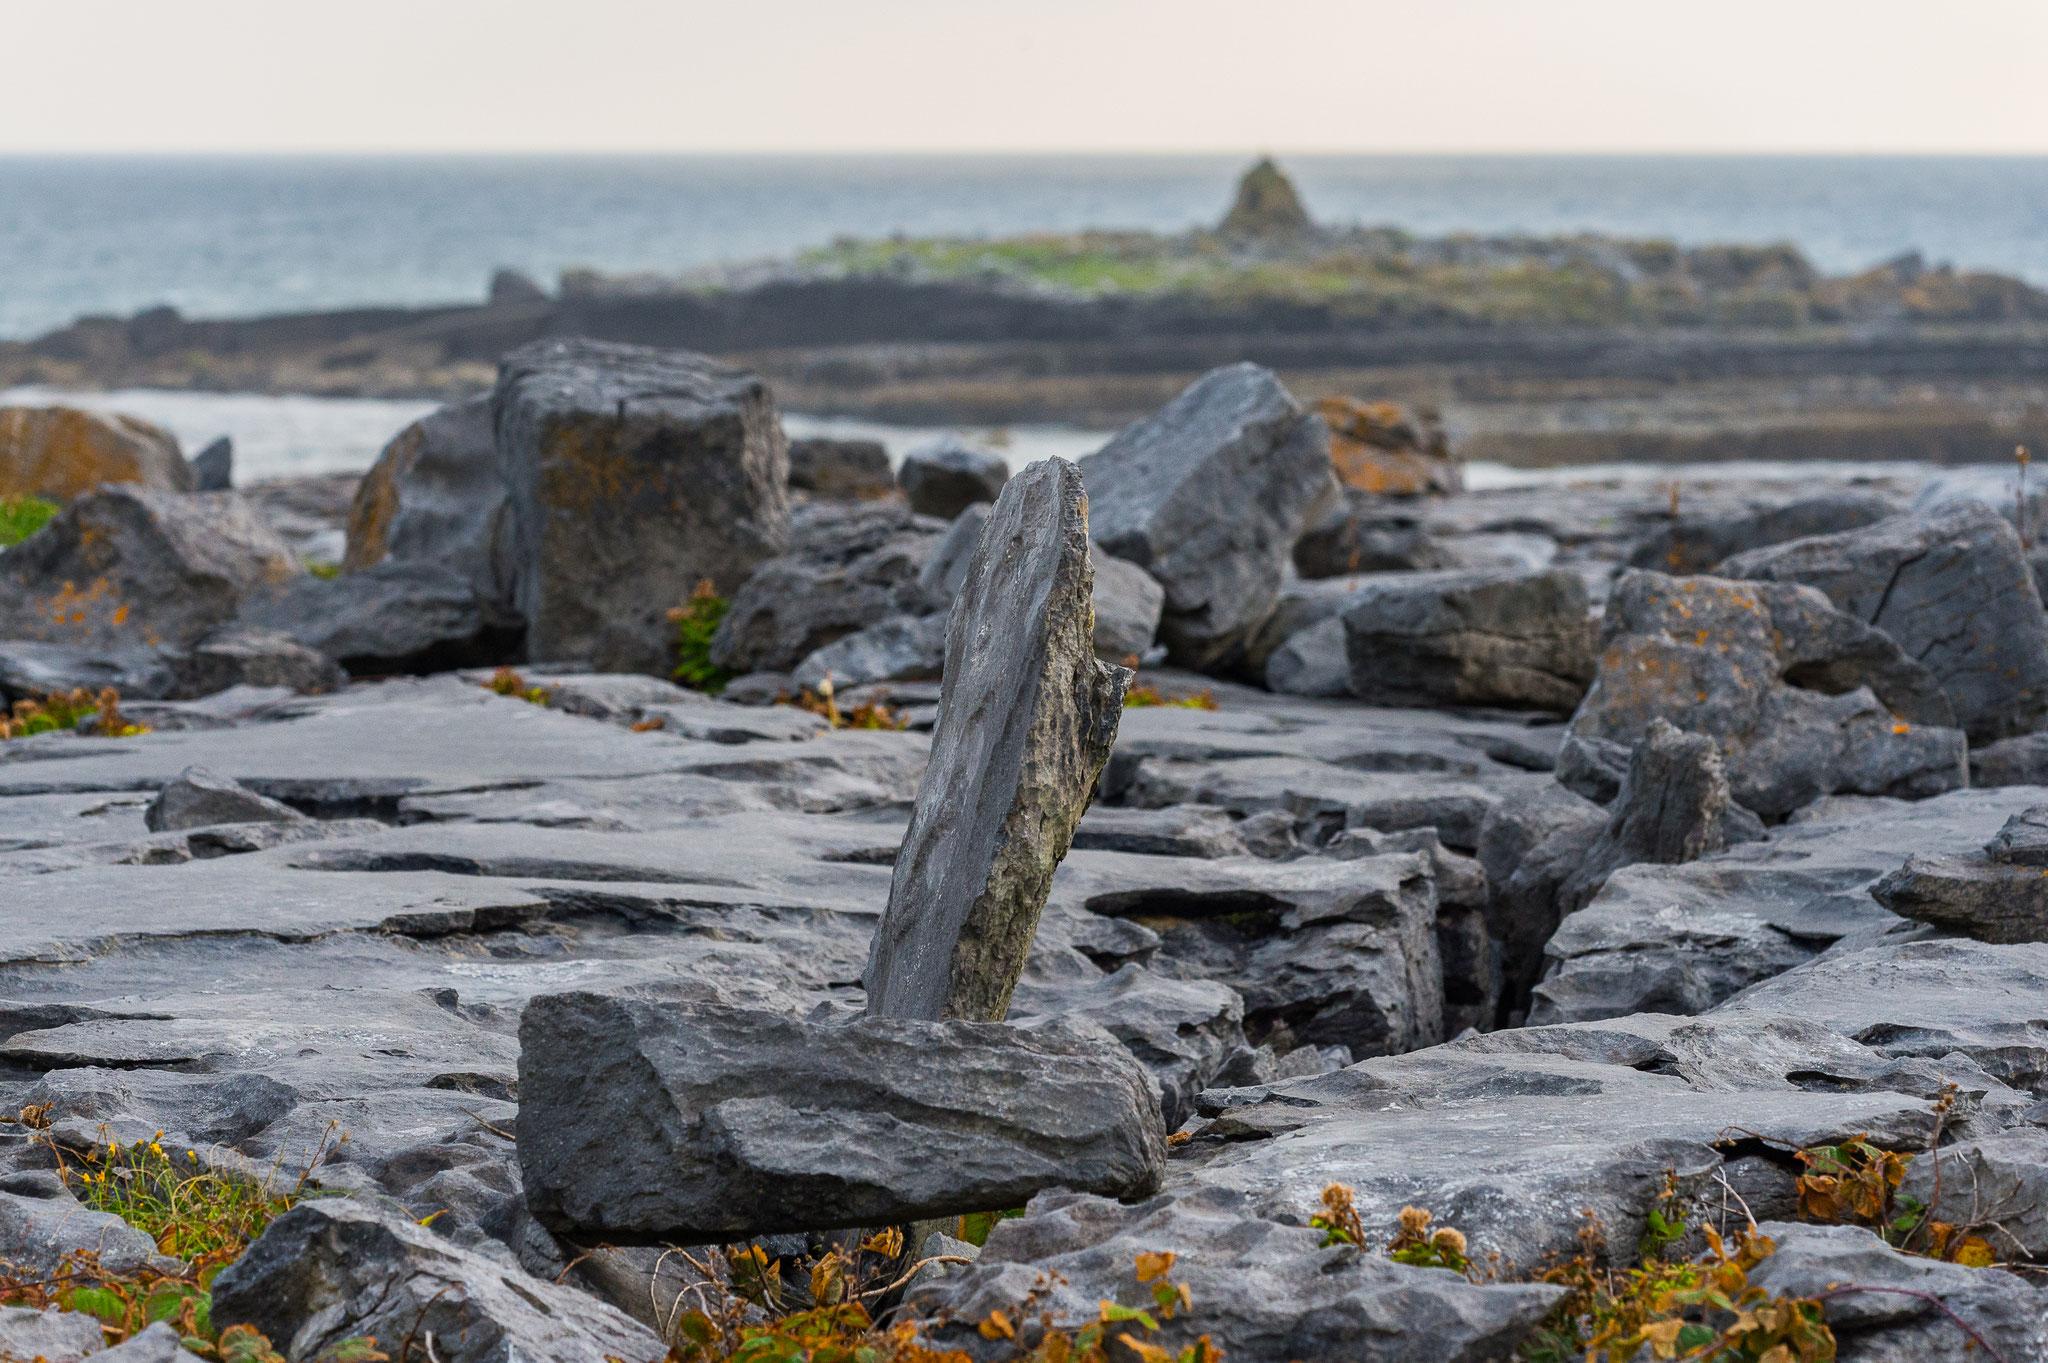 _D4S6366_Doolin-Face iles d'Aran-Irlande